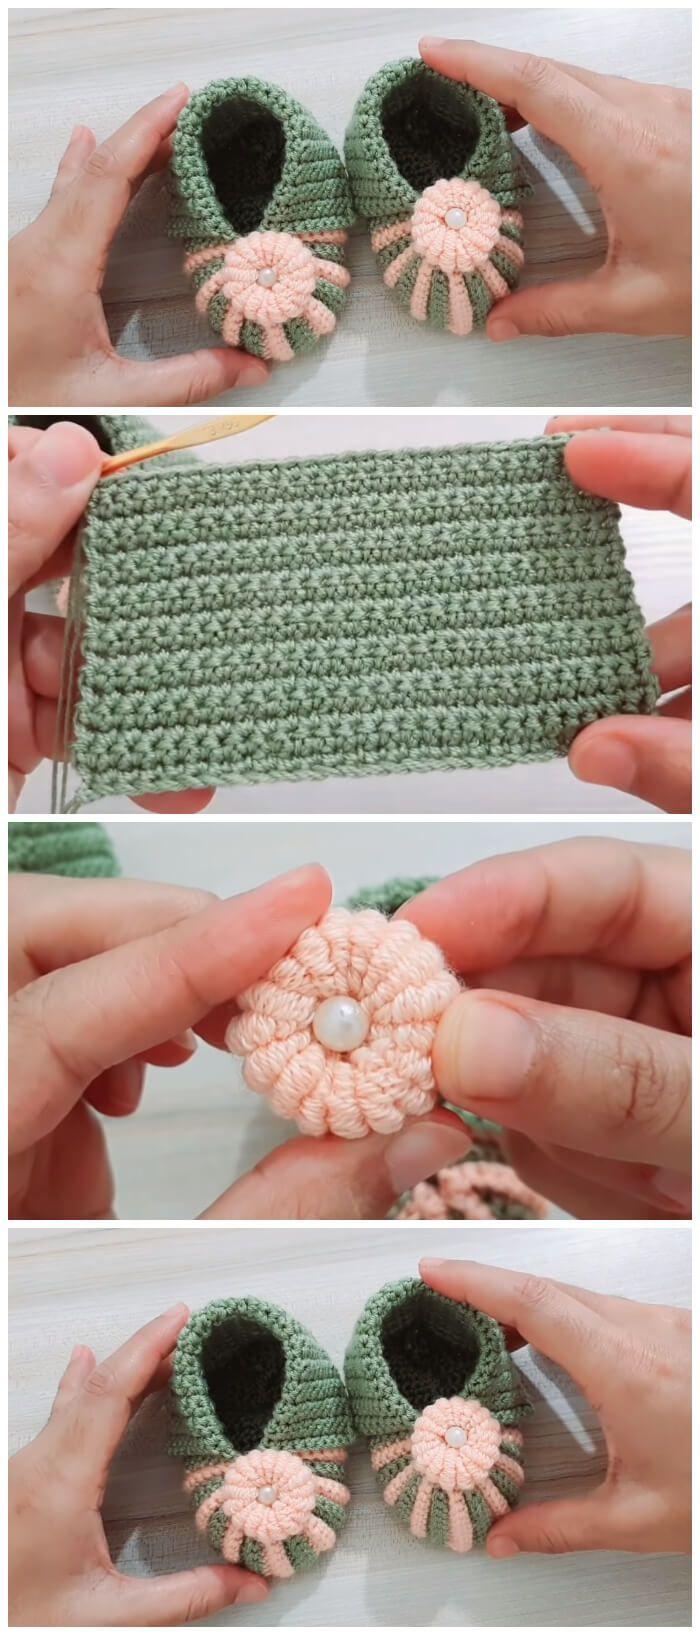 Easy Crochet Baby Shoes - Learn to Crochet - Crochet Kingdom